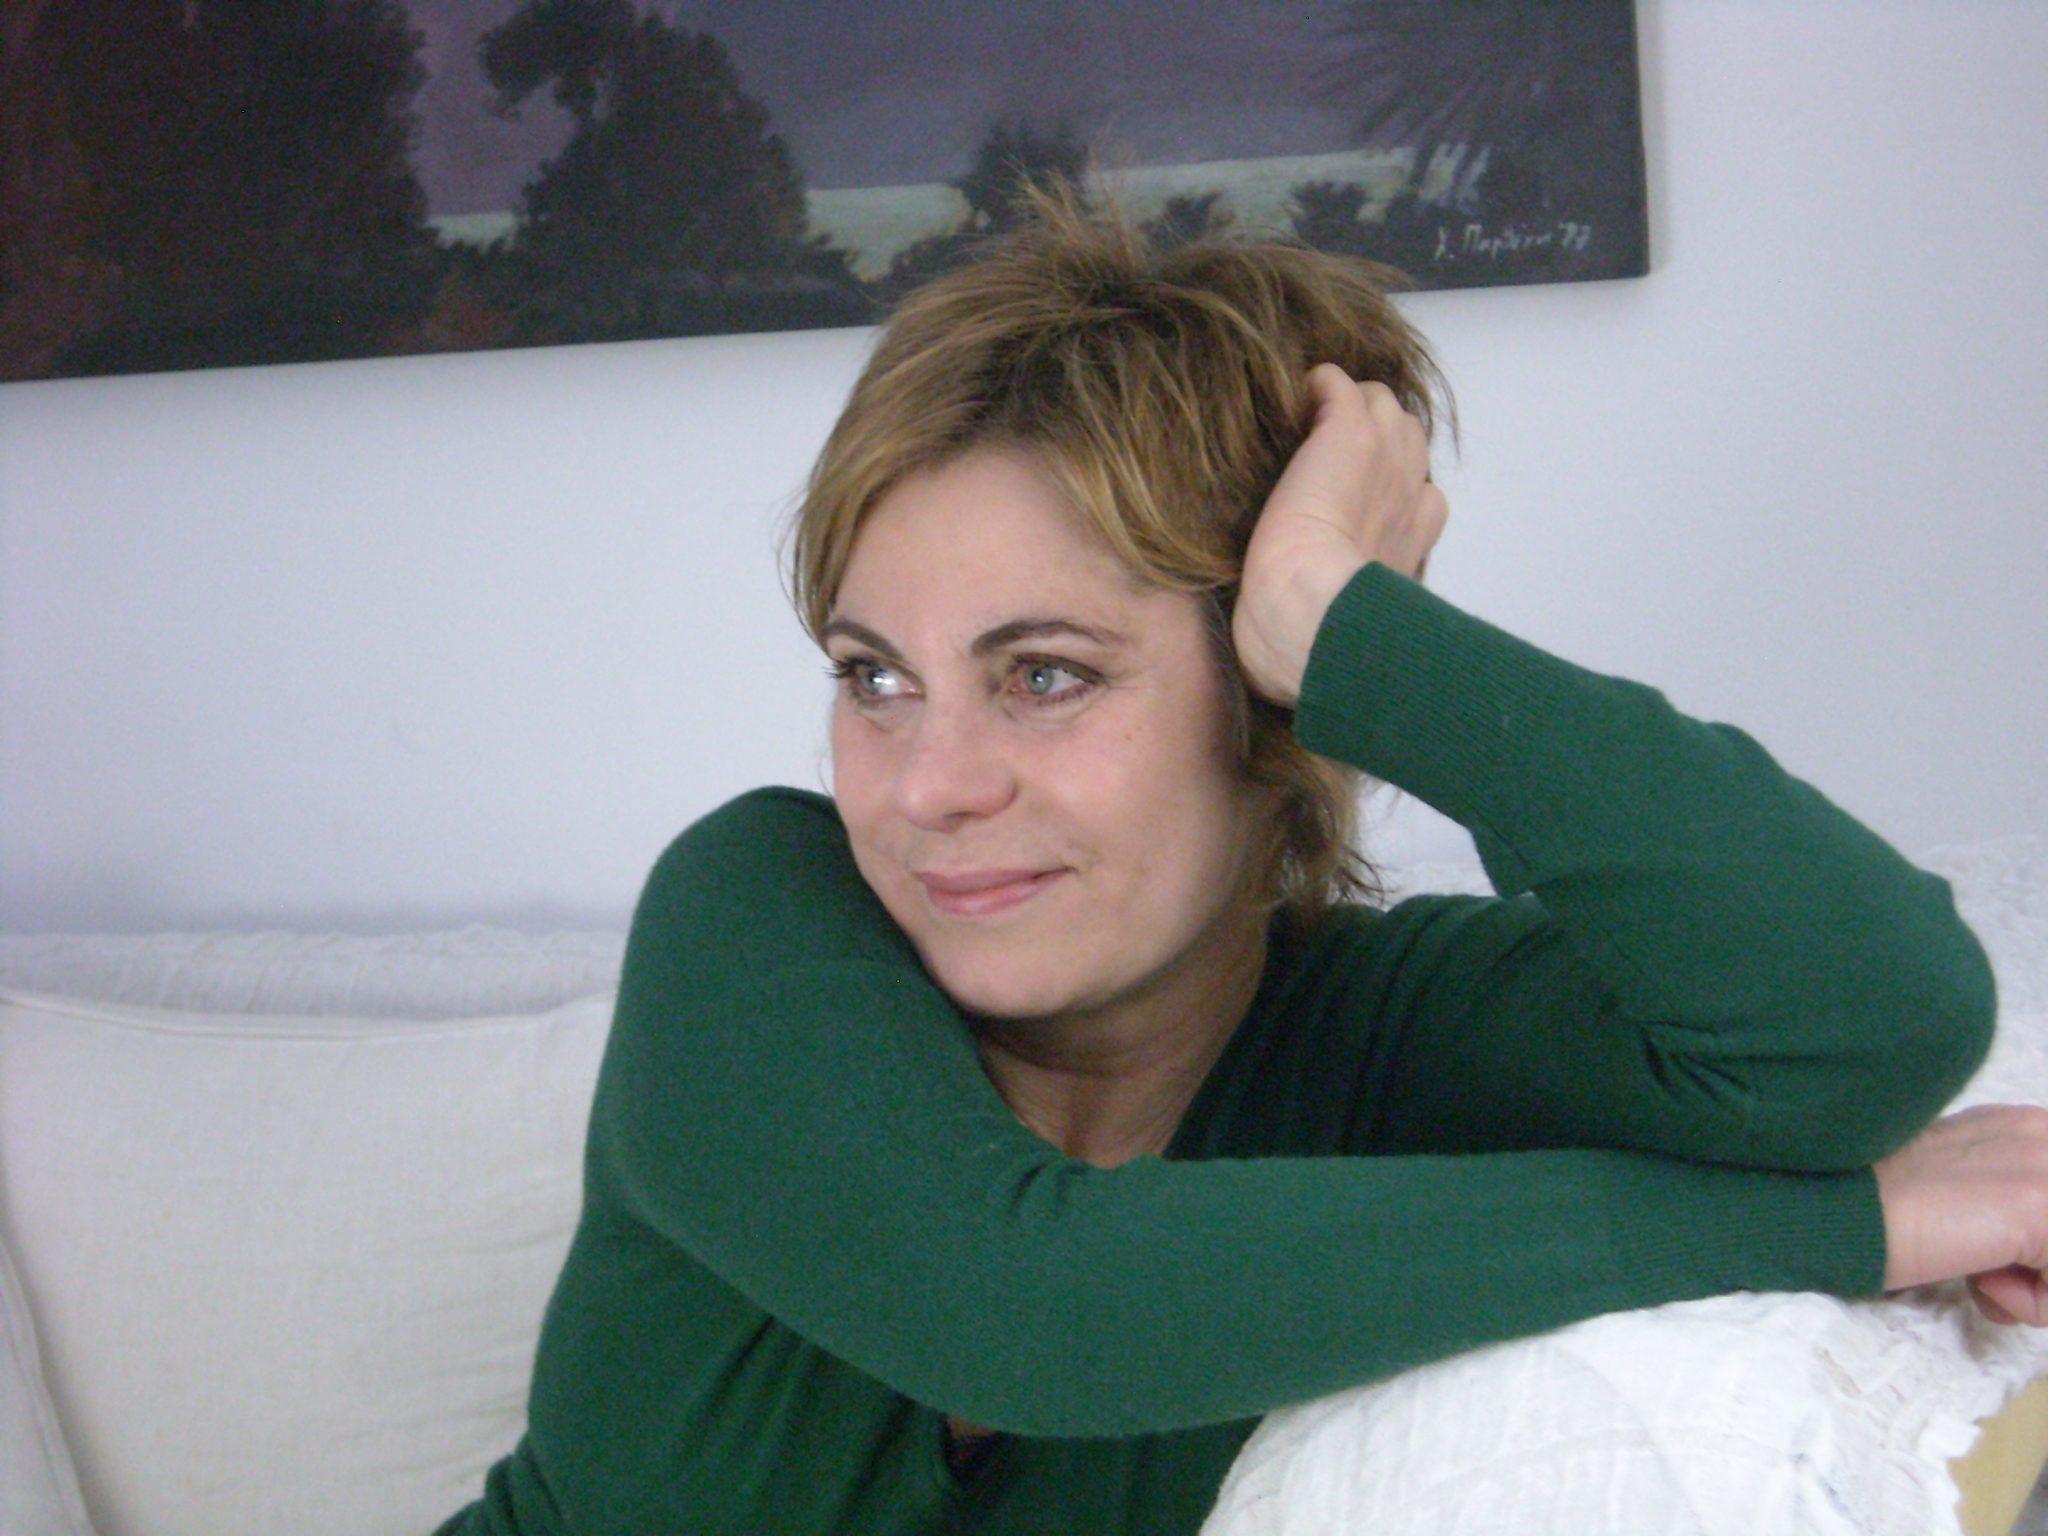 Συγκλονίζει η κόρη του Δημήτρη Τουρναβίτη μετά την ταυτοποίηση και της σορού της Χρύσας Σπηλιώτη